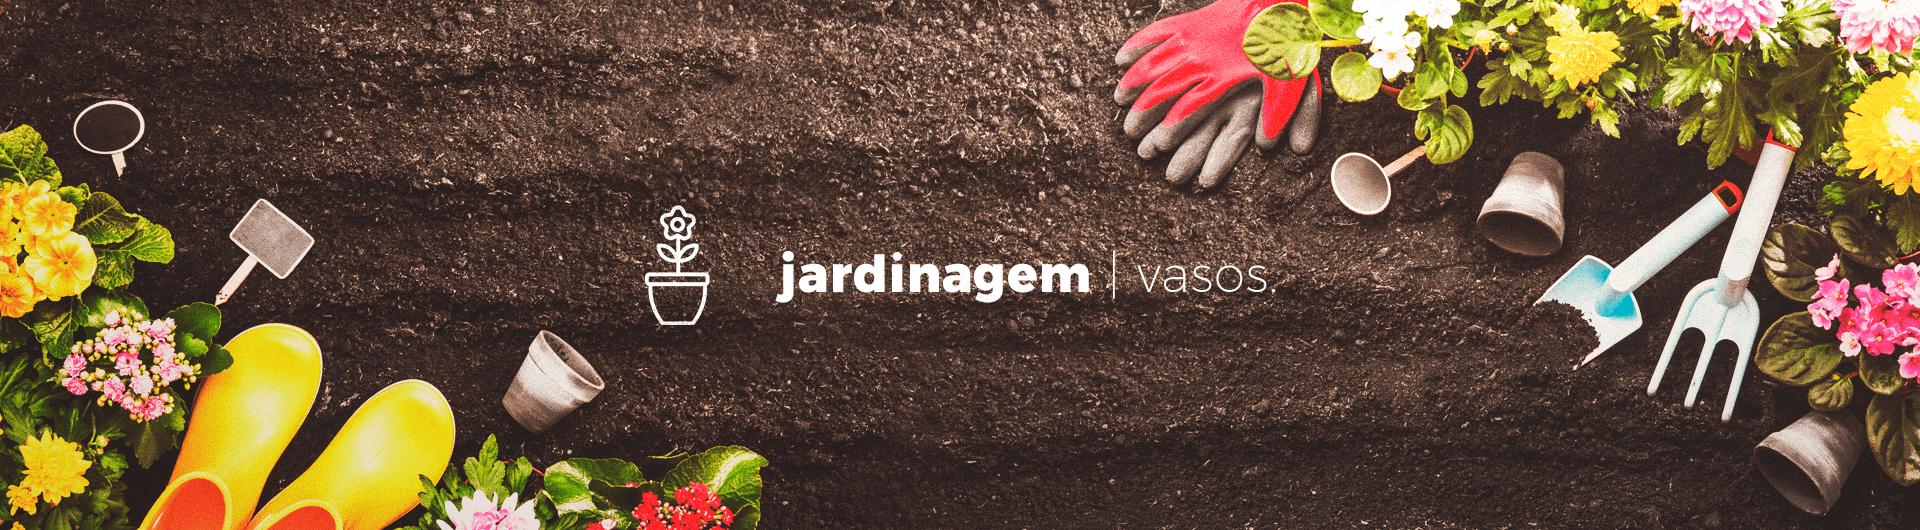 Banner Jardinagem